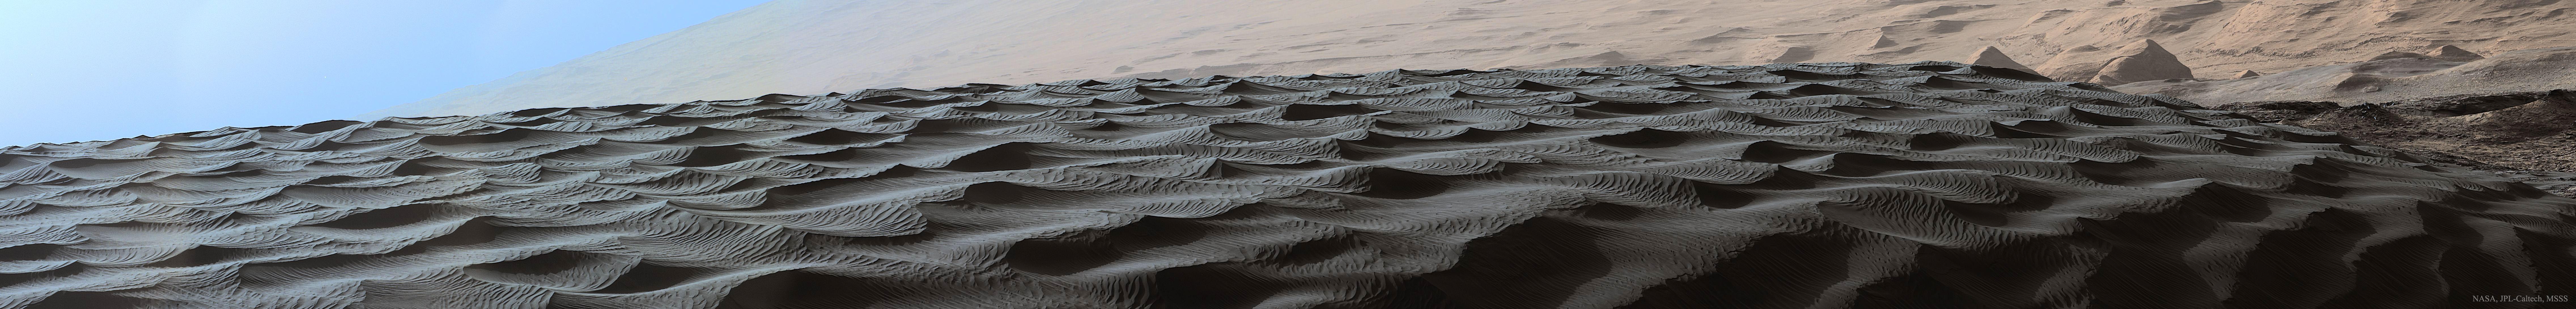 Sombres dunes sur Mars